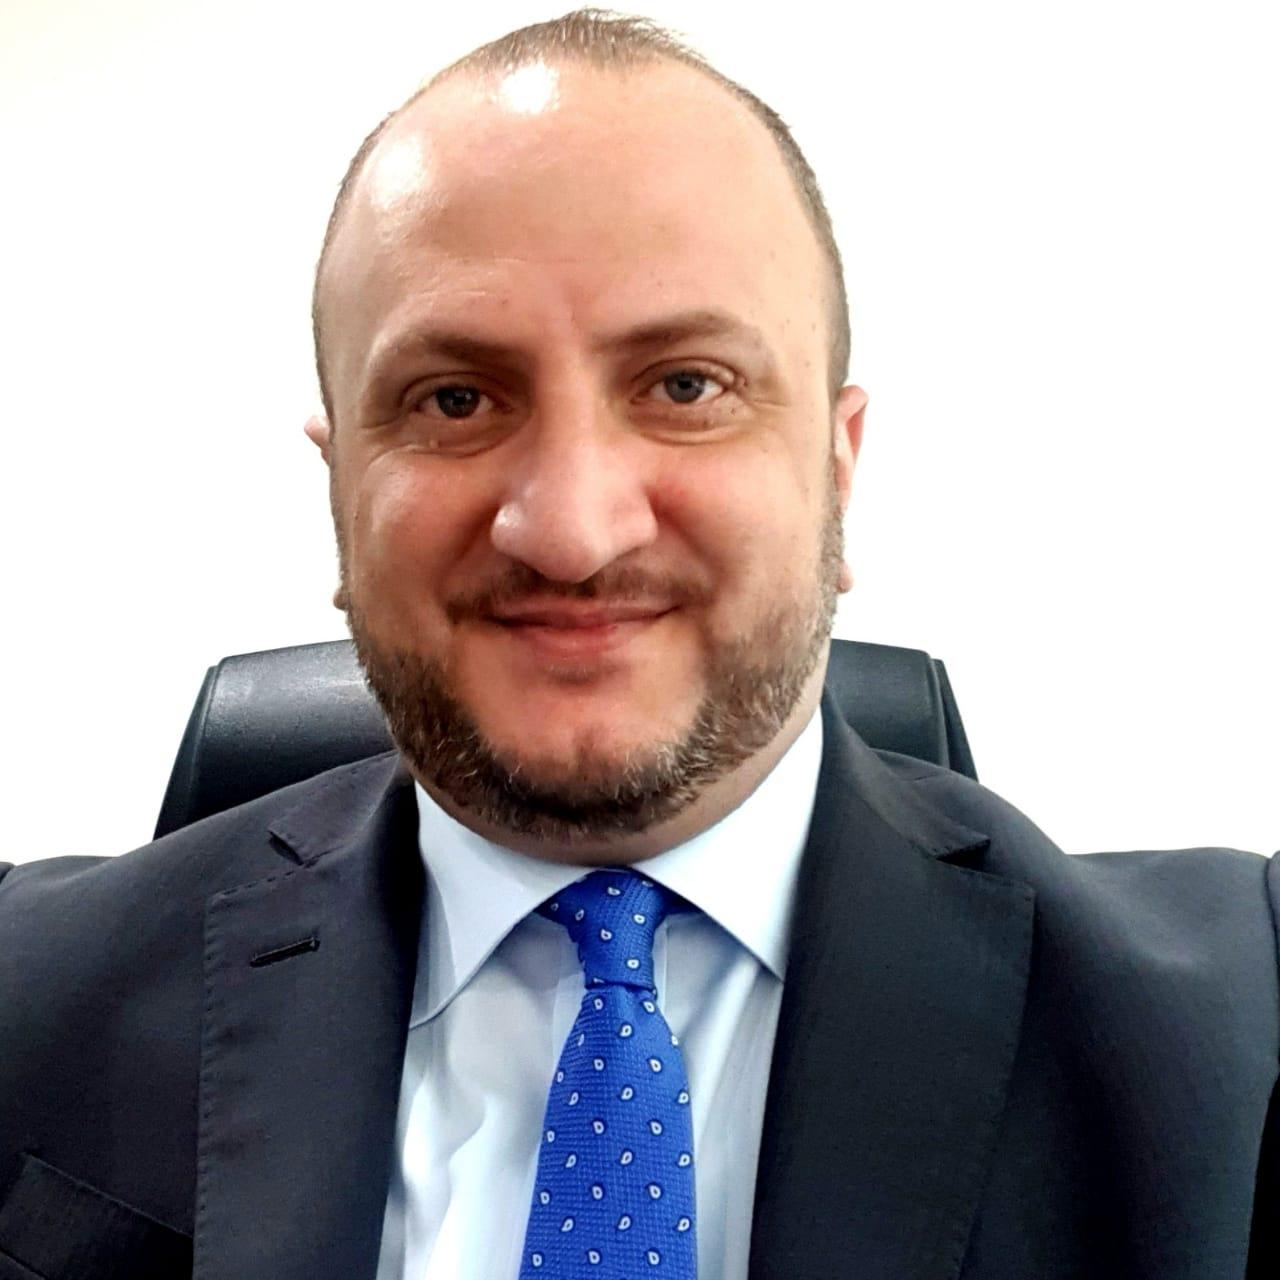 المحامي الدكتور يزن دخل الله حدادين